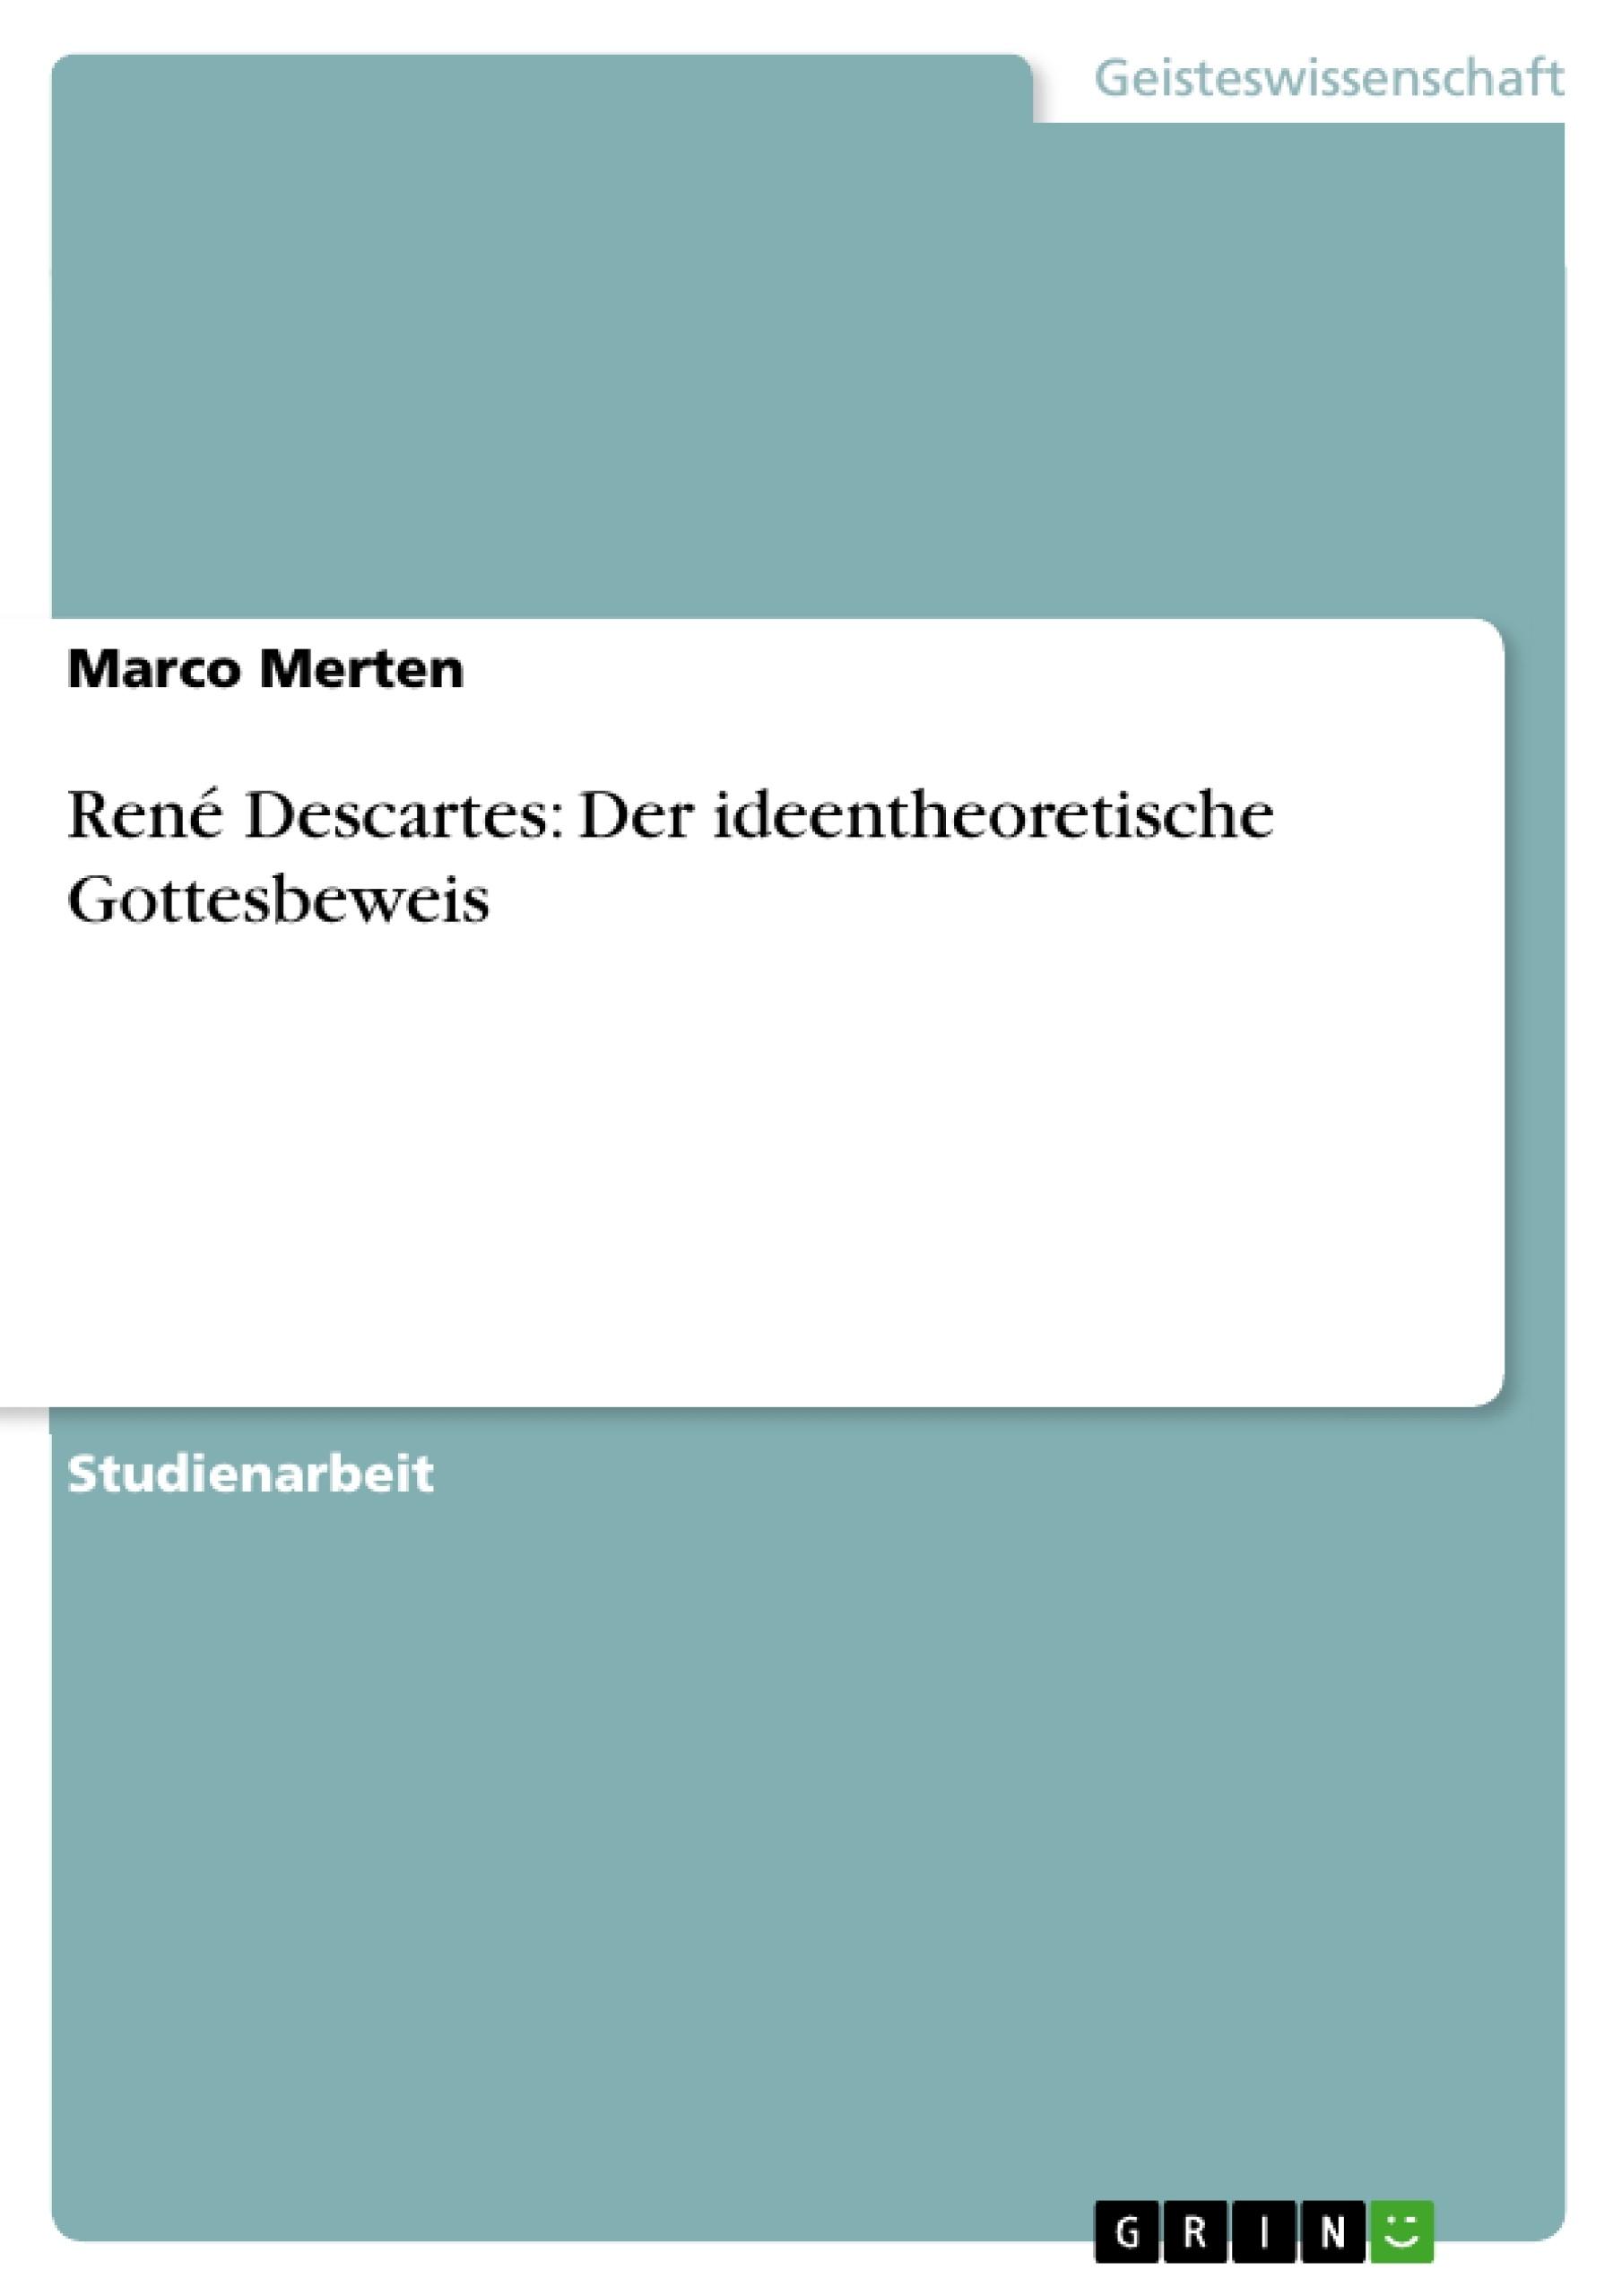 Titel: René Descartes: Der ideentheoretische Gottesbeweis